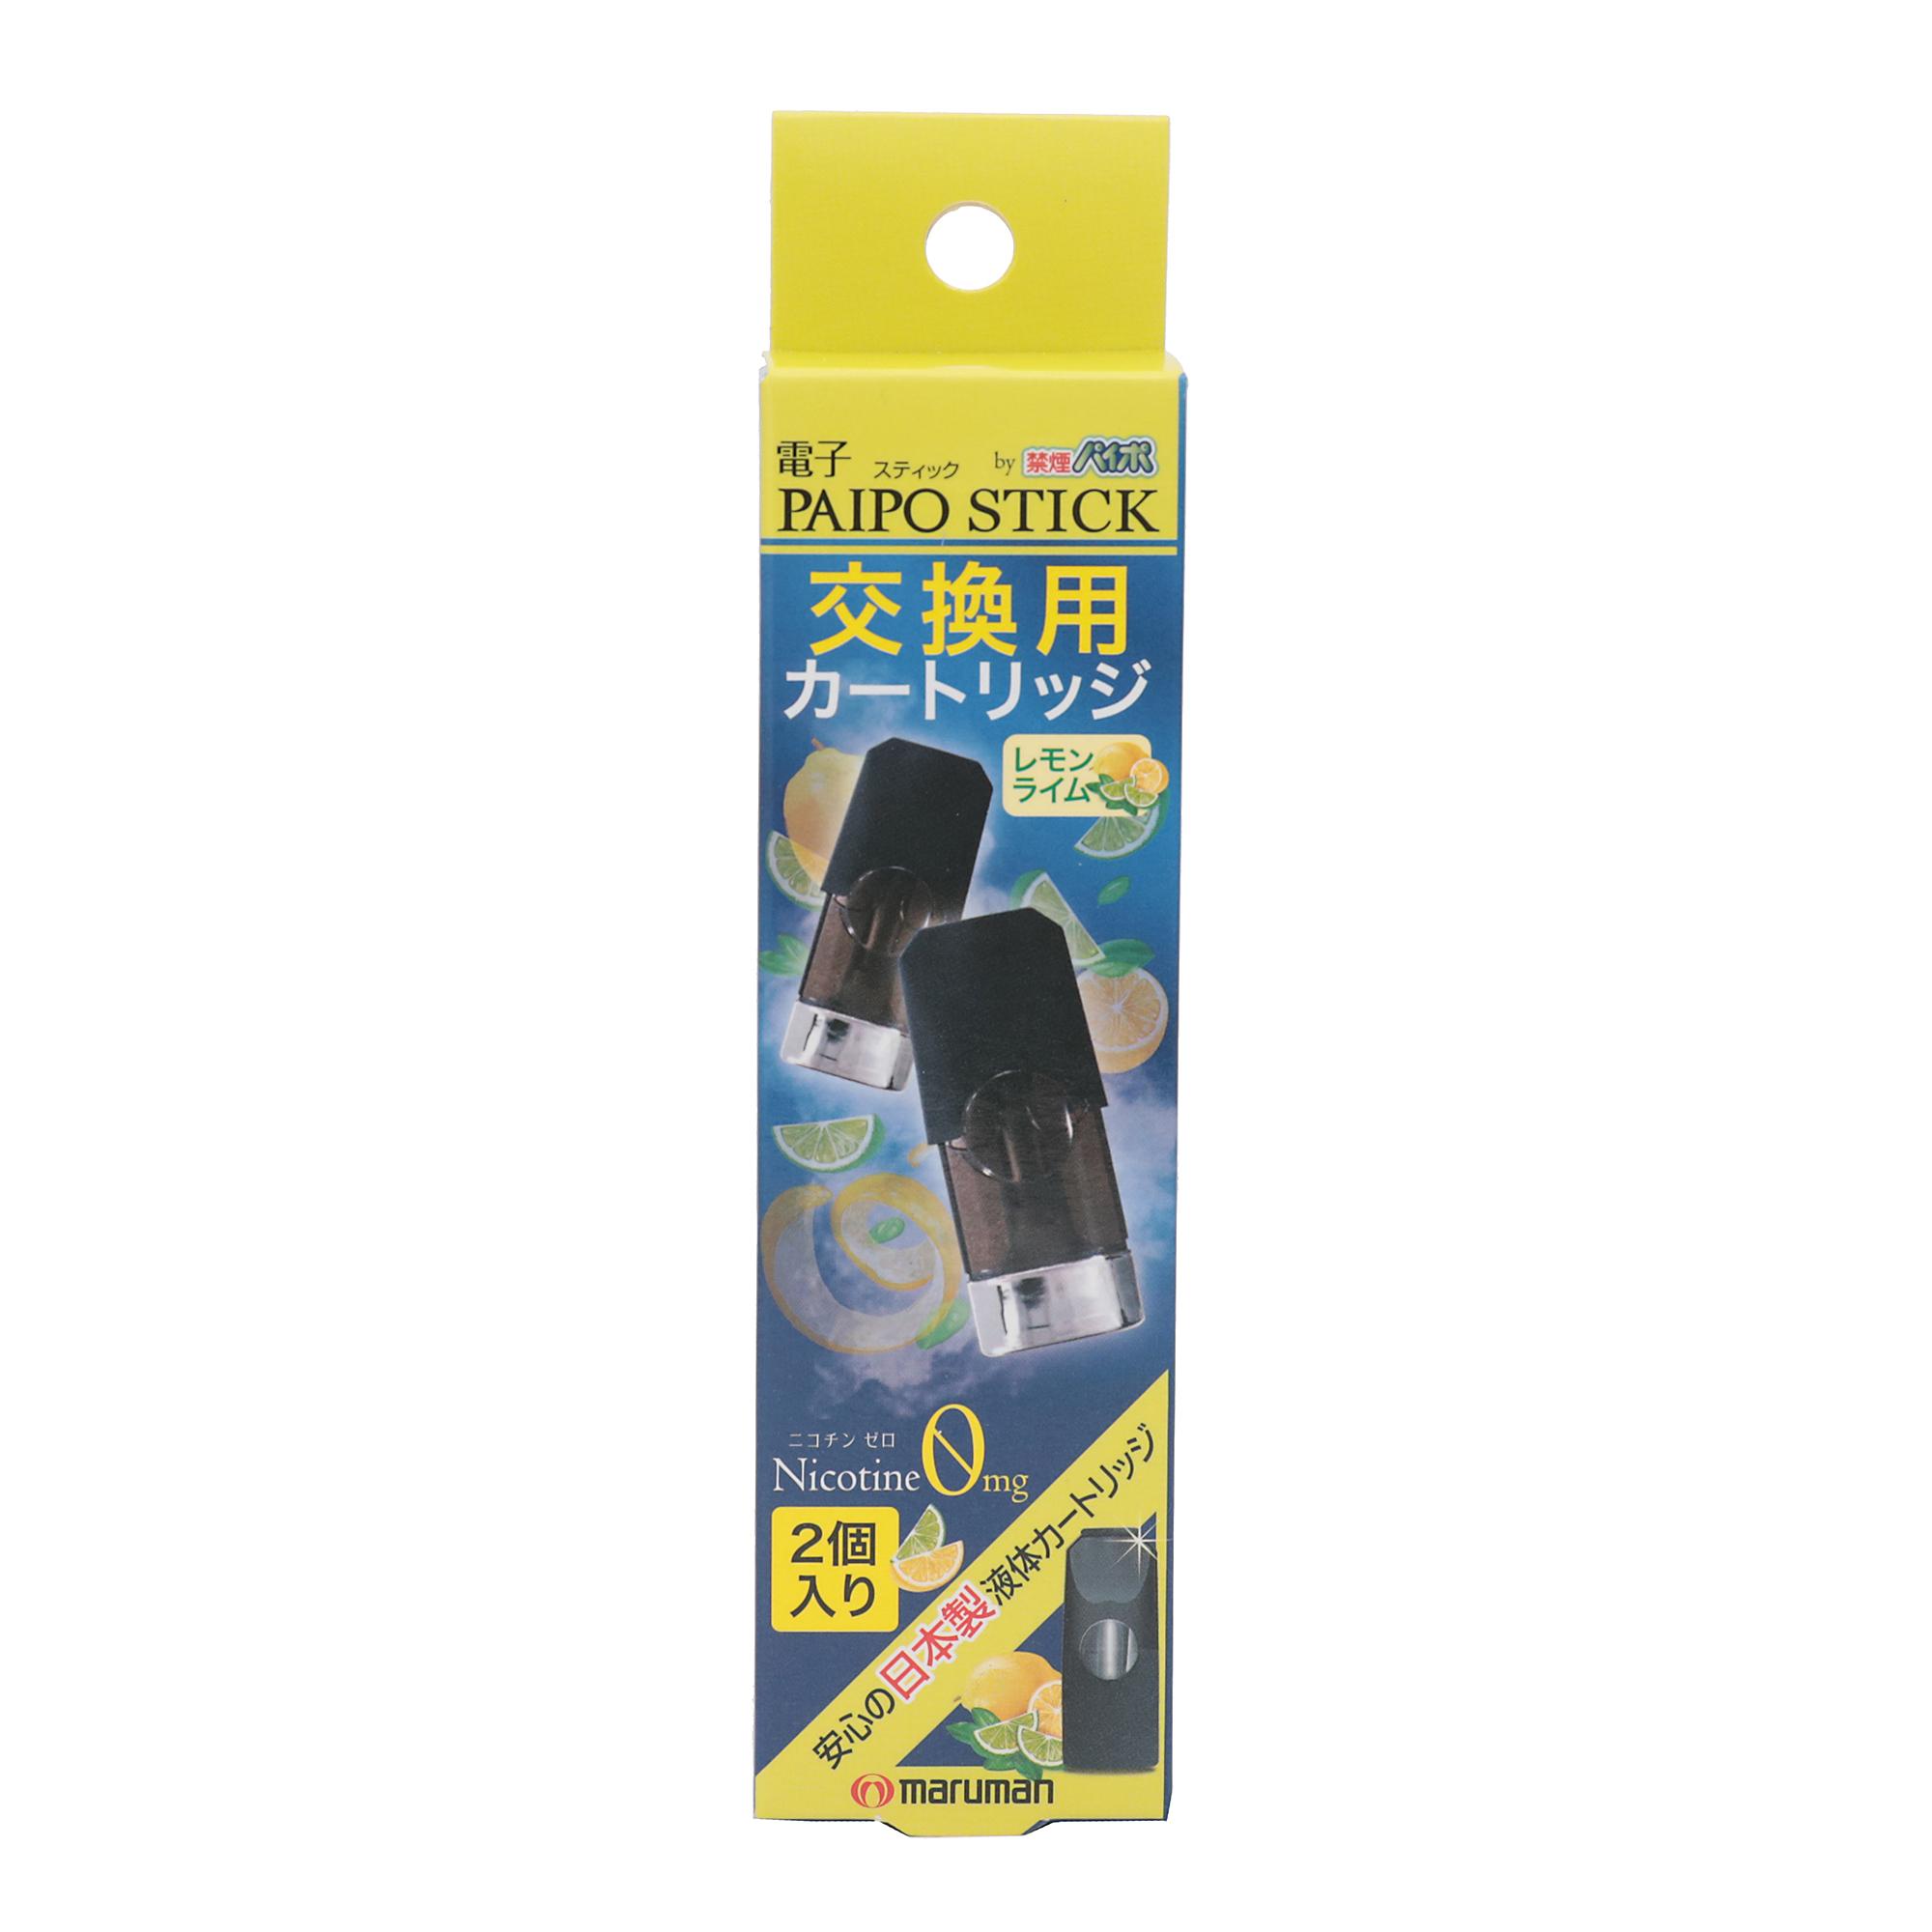 電子PAIPO STICK 替えカートリッジ2個入【レモンライム】